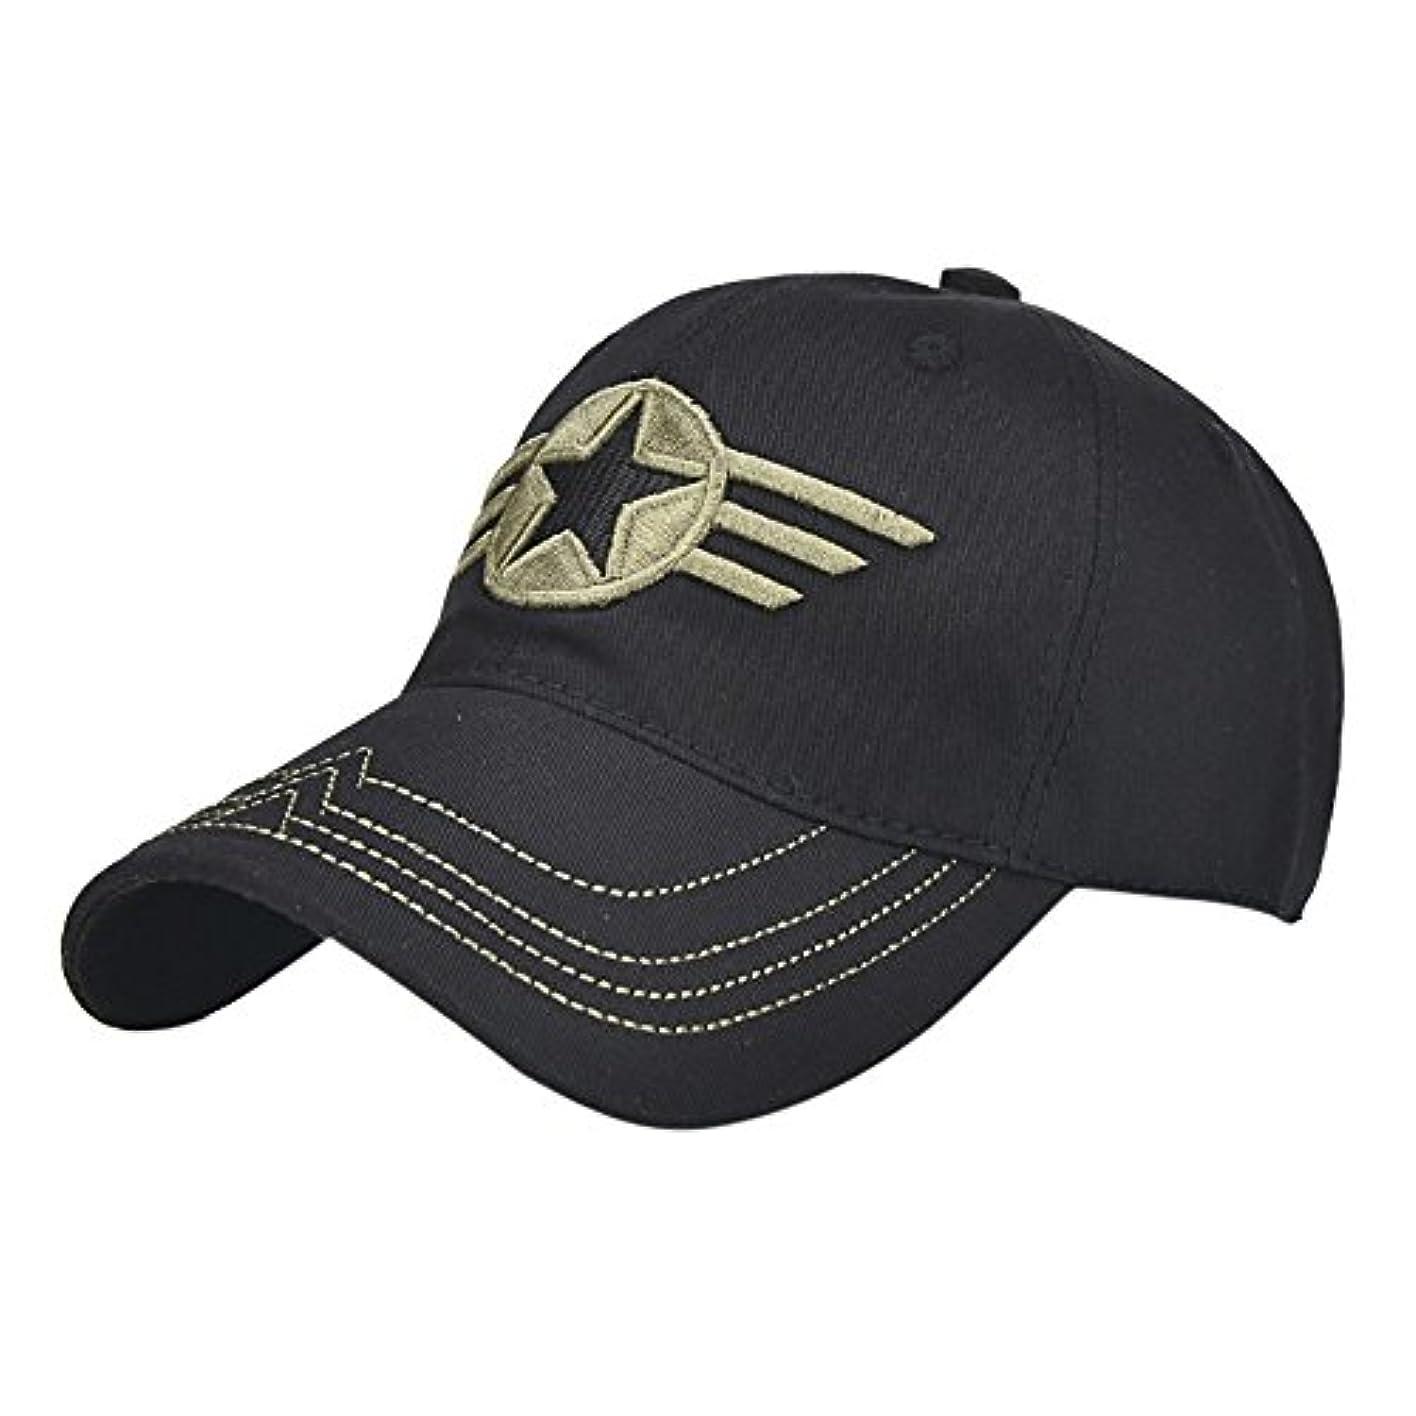 中性知的お世話になったRacazing Cap ミリタリーキャップ 野球帽 迷彩 夏 登山 通気性のある メッシュ 帽子 ベルクロ 可調整可能 スターバッジ 刺繍 棒球帽 UV 帽子 軽量 屋外 Unisex Hat (黒)